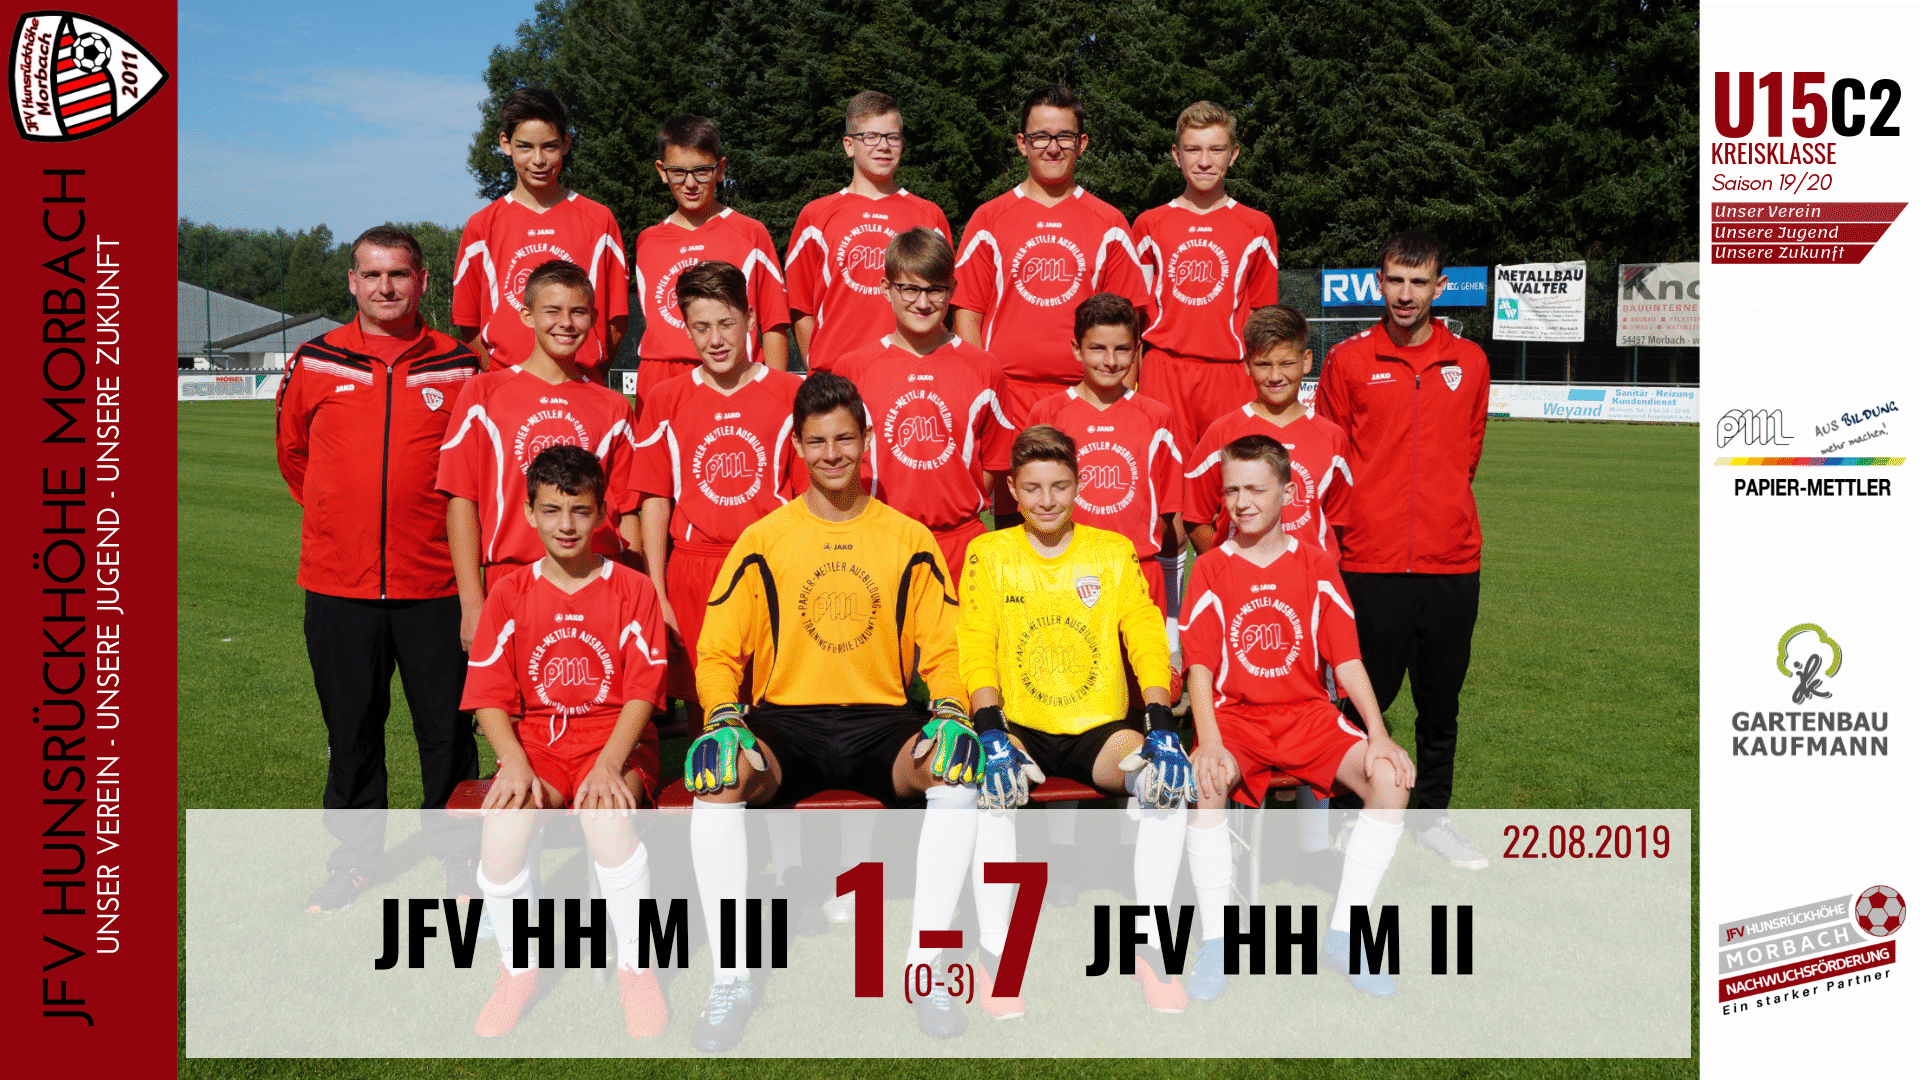 U15 C2: JFV Hunsrückhöhe Morbach III – JFV Hunsrückhöhe Morbach II 1-7 (0-3)